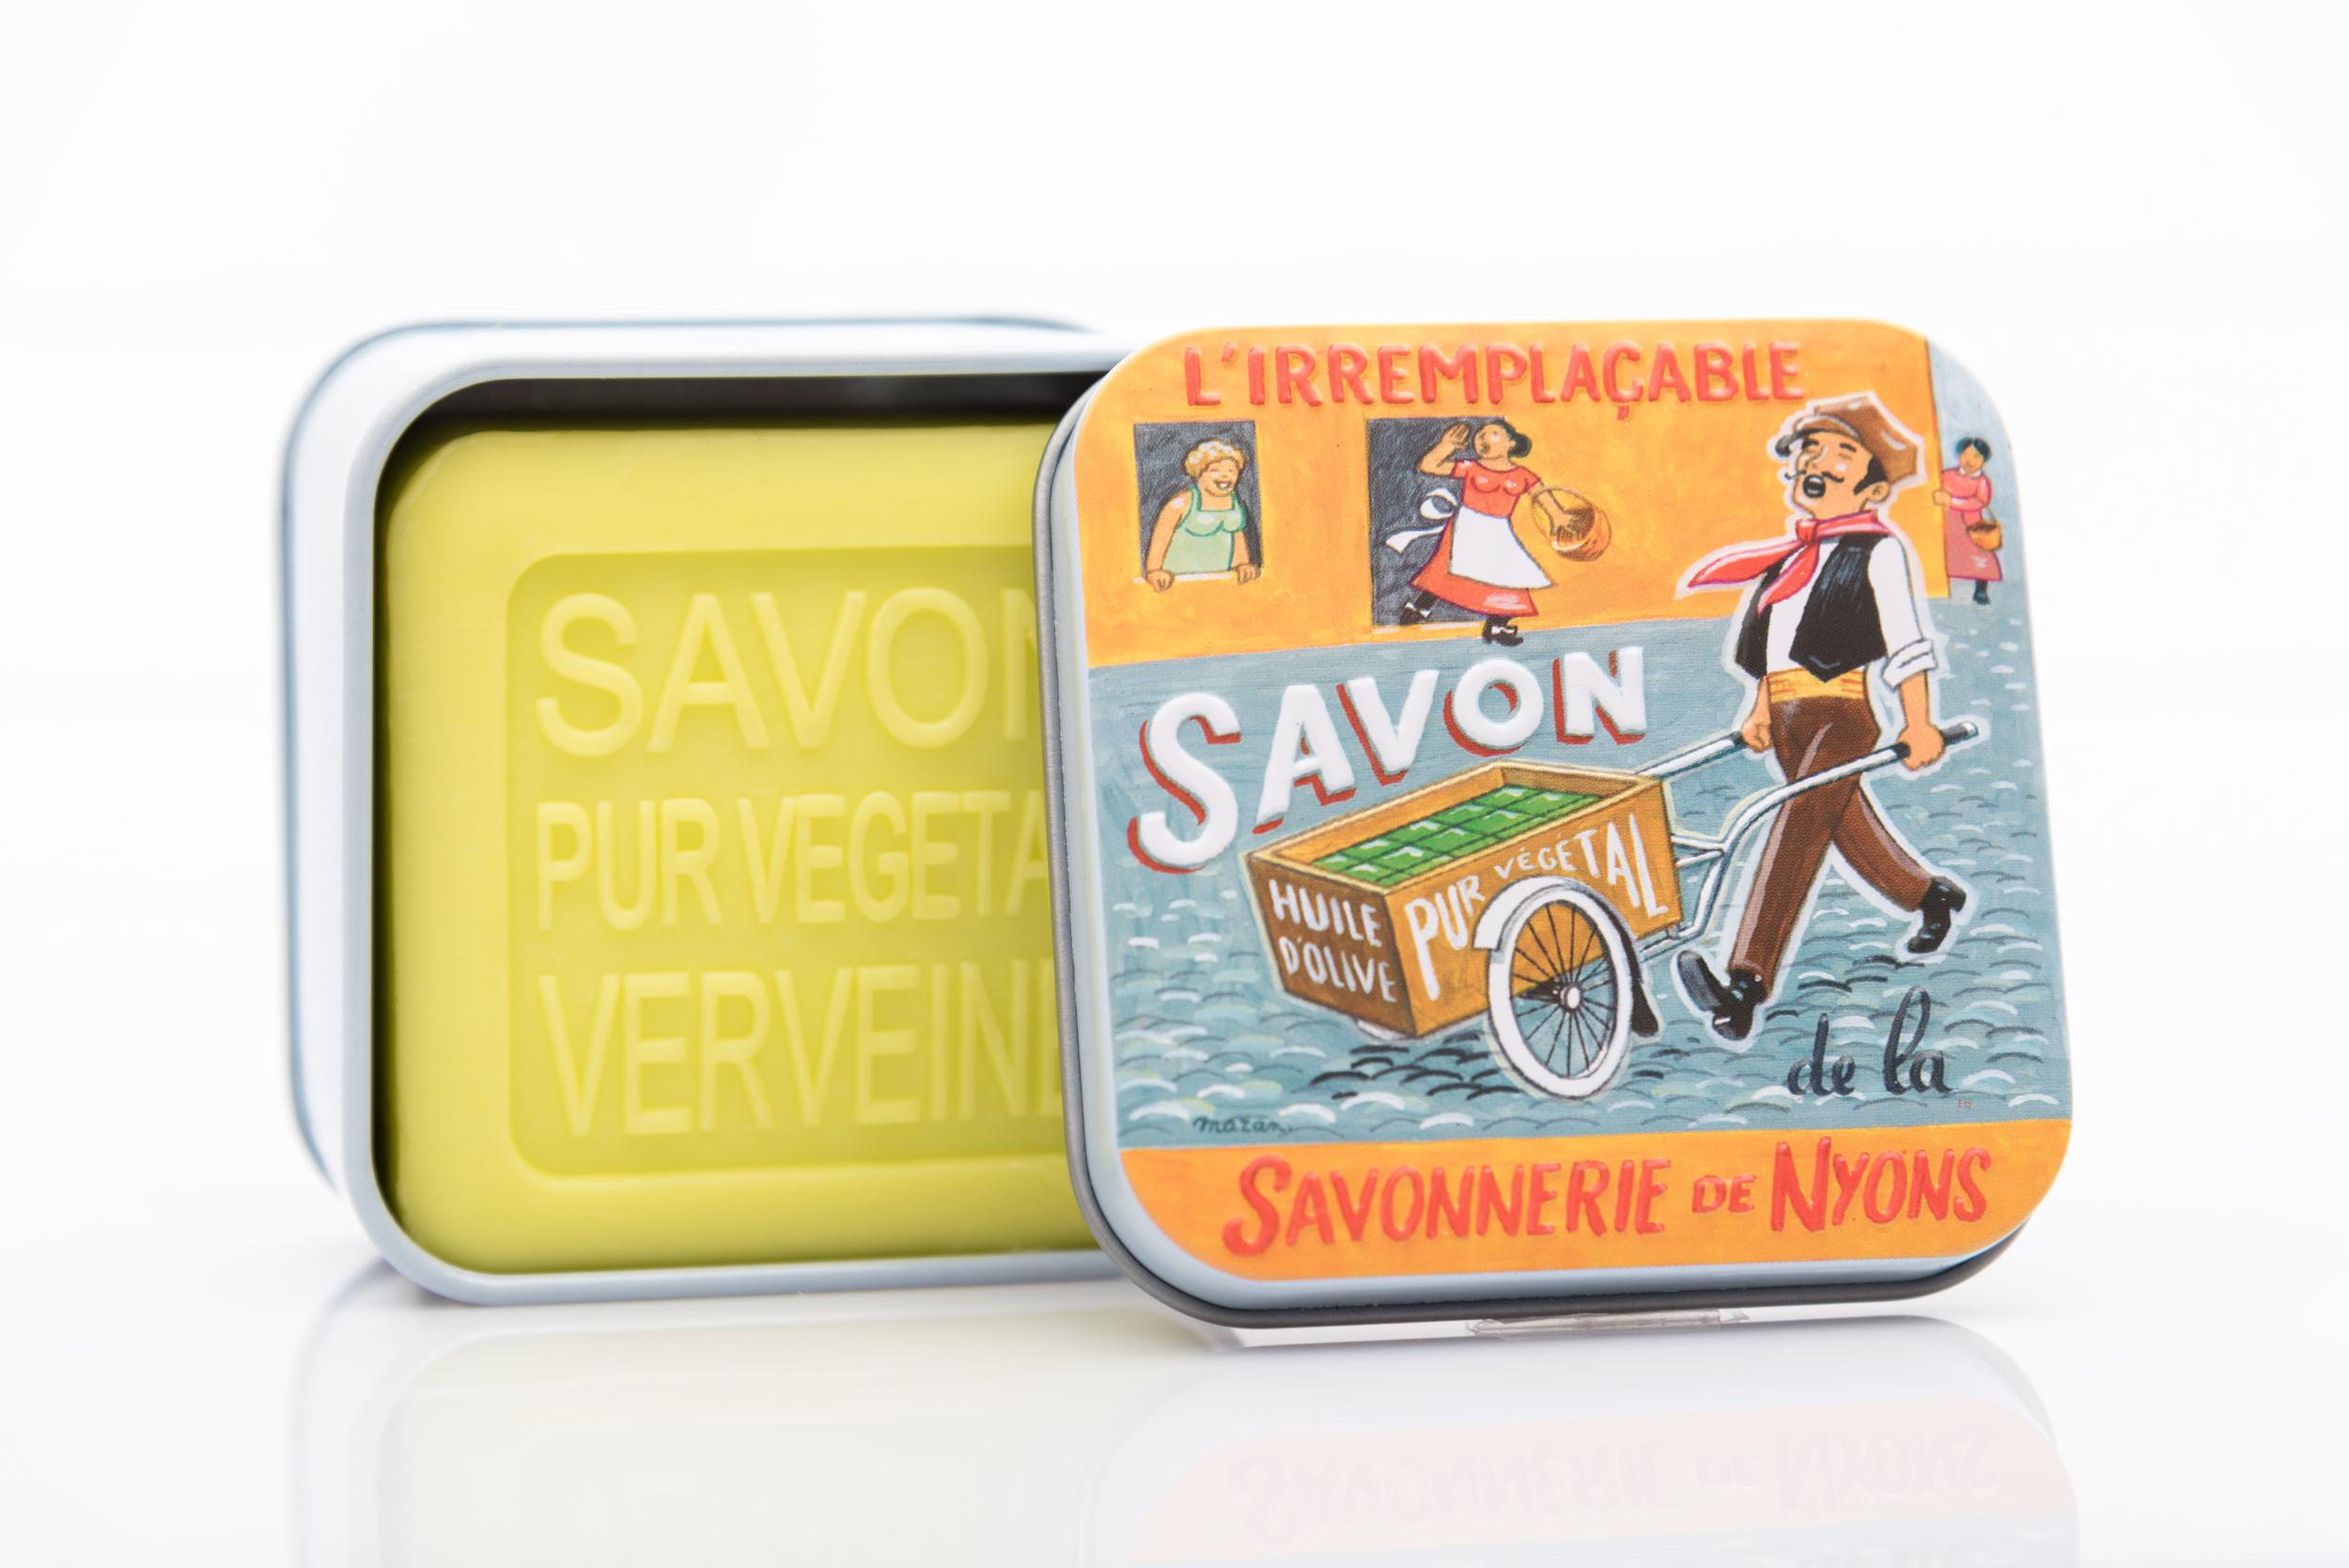 SAVON DE NYONS VEGETAL MADE IN FRANCE AVEC BOITE METALIQUE MODELE 42 A LA VERVEINE